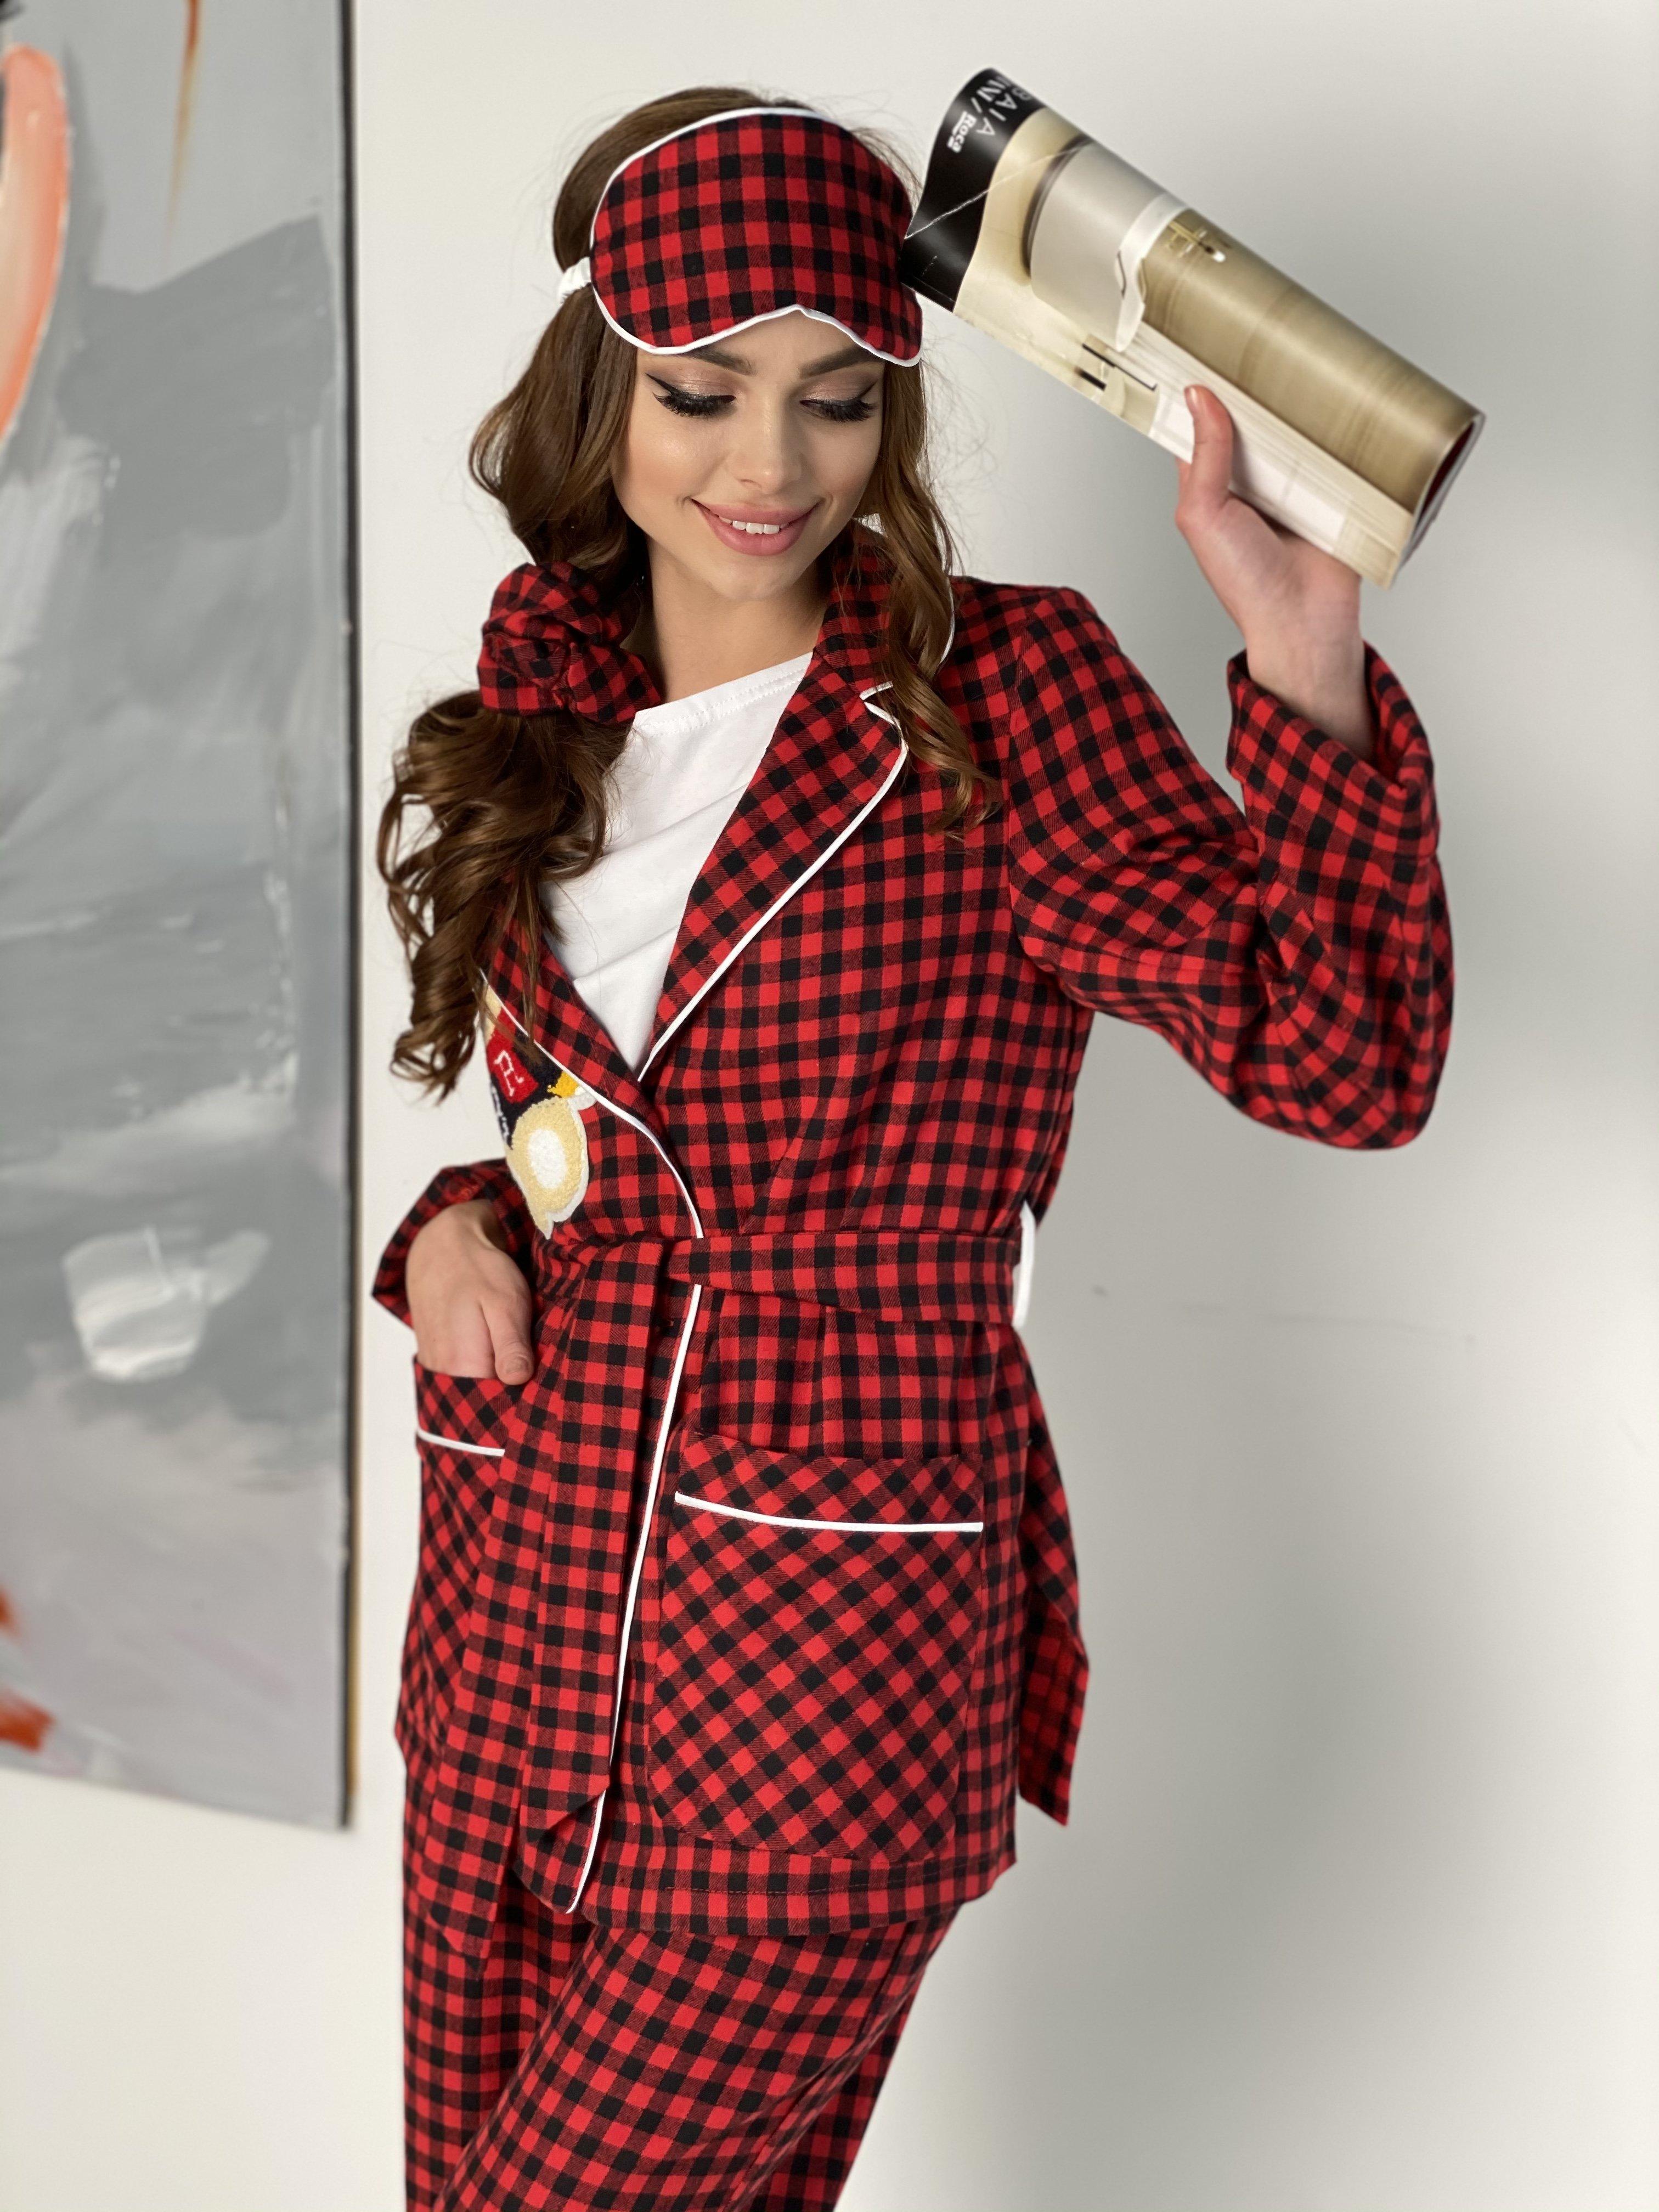 Тедди пижама в клетку из коттона(жакет,футболка,брюки,маска,резинка) 10384 АРТ. 46826 Цвет: Красный/черный - фото 3, интернет магазин tm-modus.ru